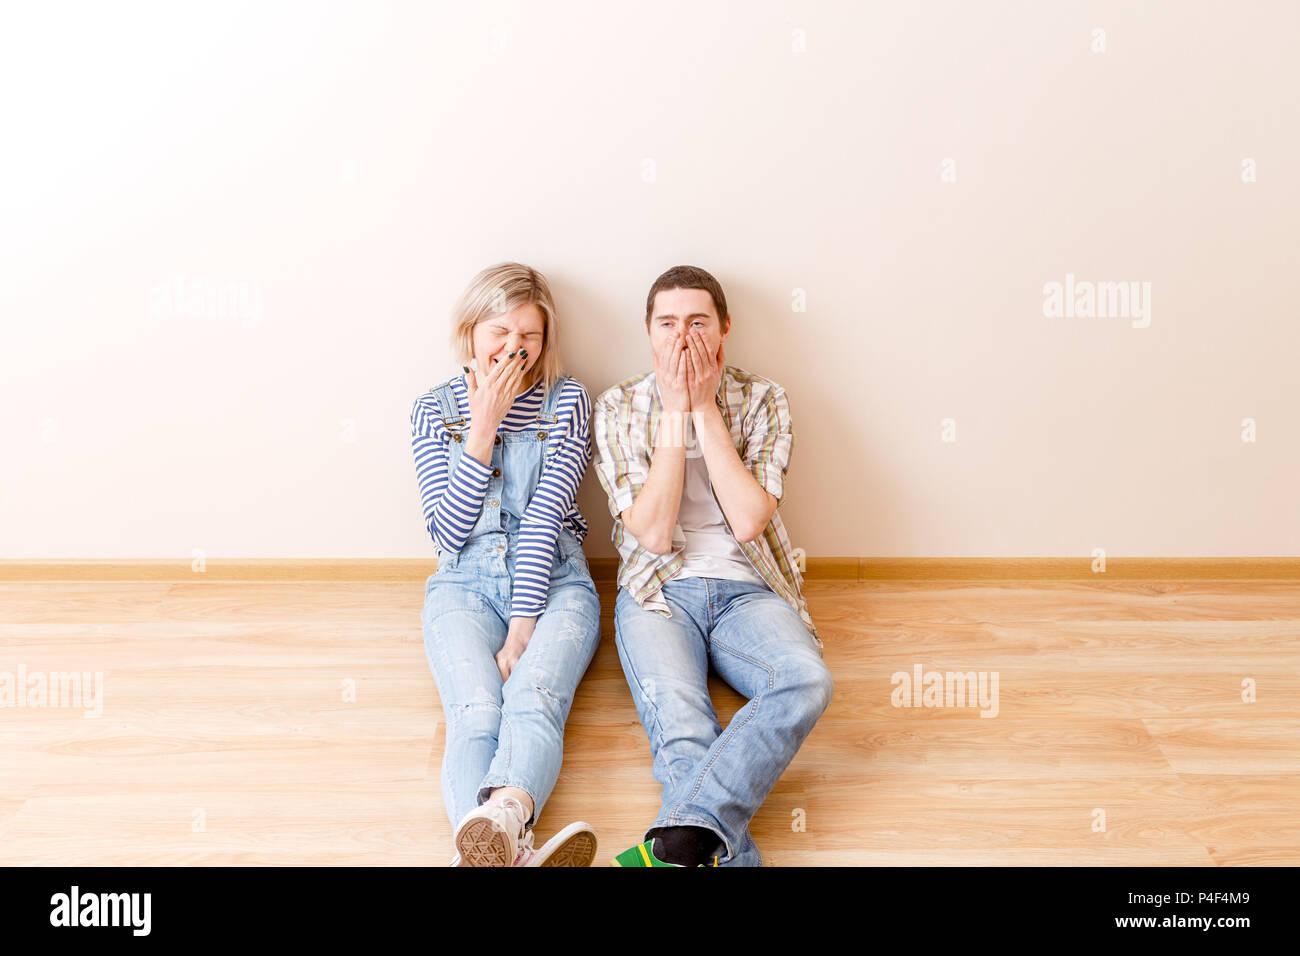 Foto di stanca l uomo e la donna seduta sul pavimento Immagini Stock